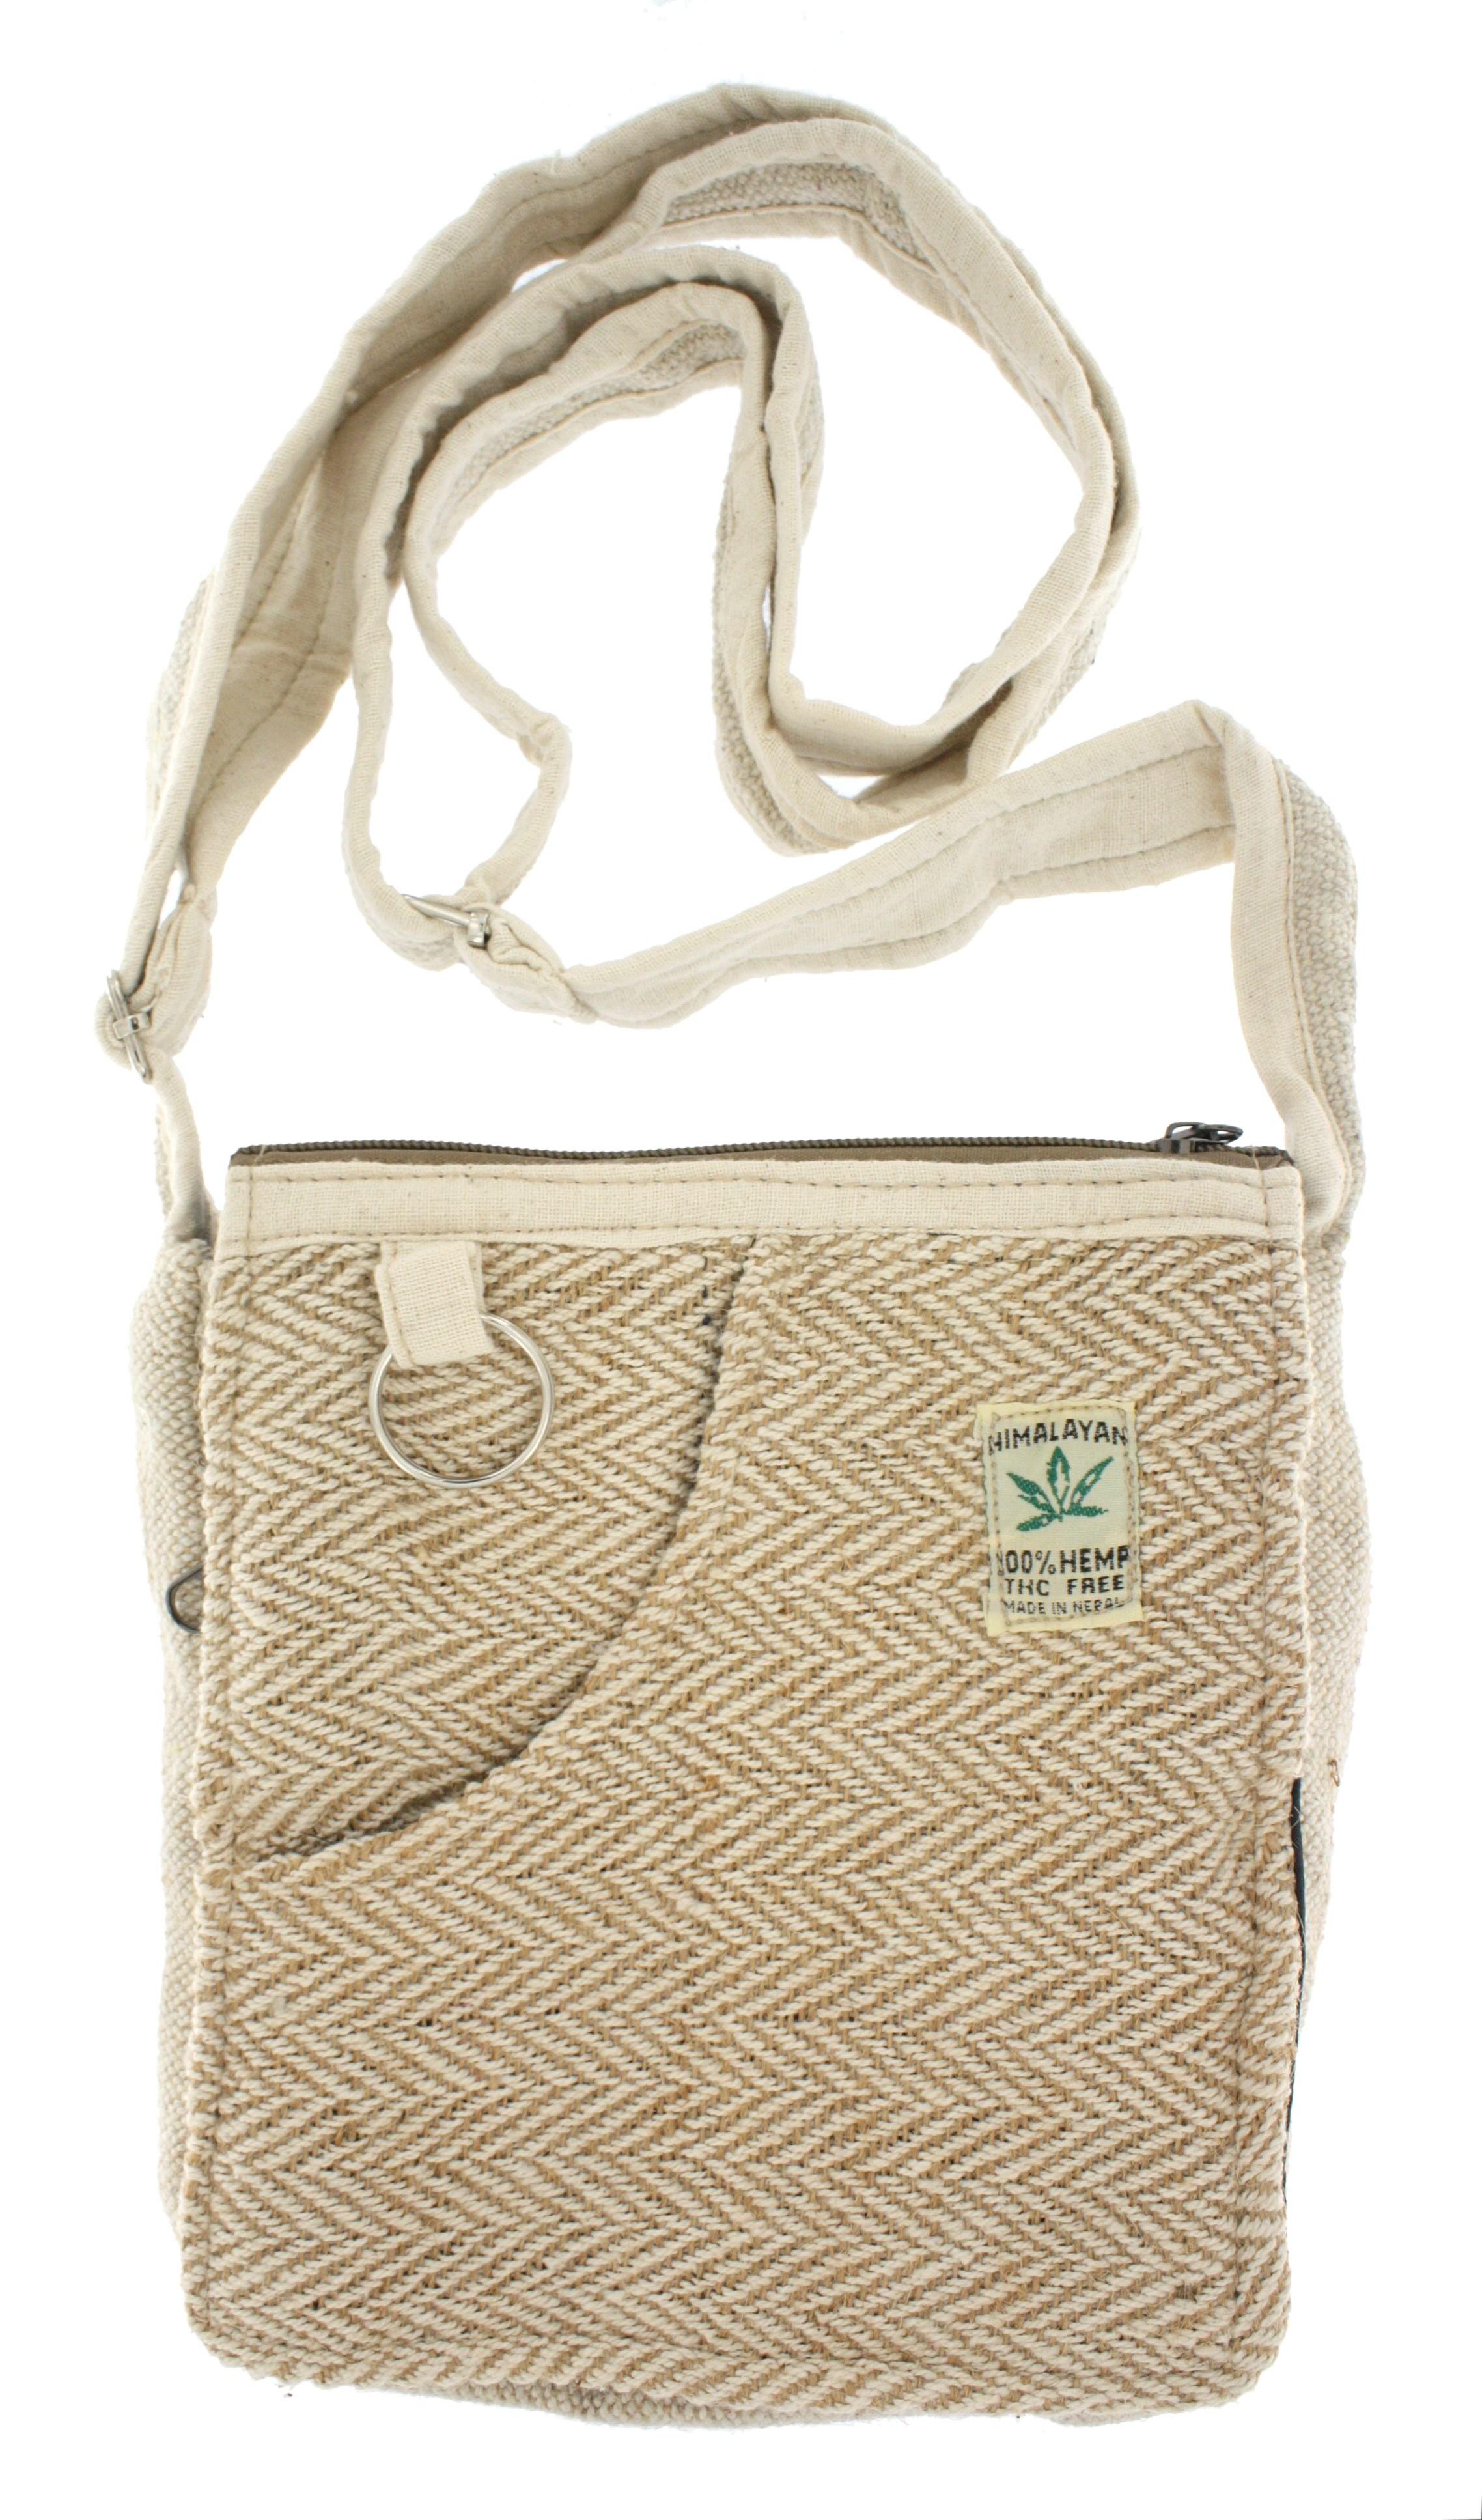 SMALL SHOLDER BAGS CNP-BSP14 - com Etnika Slog d.o.o.